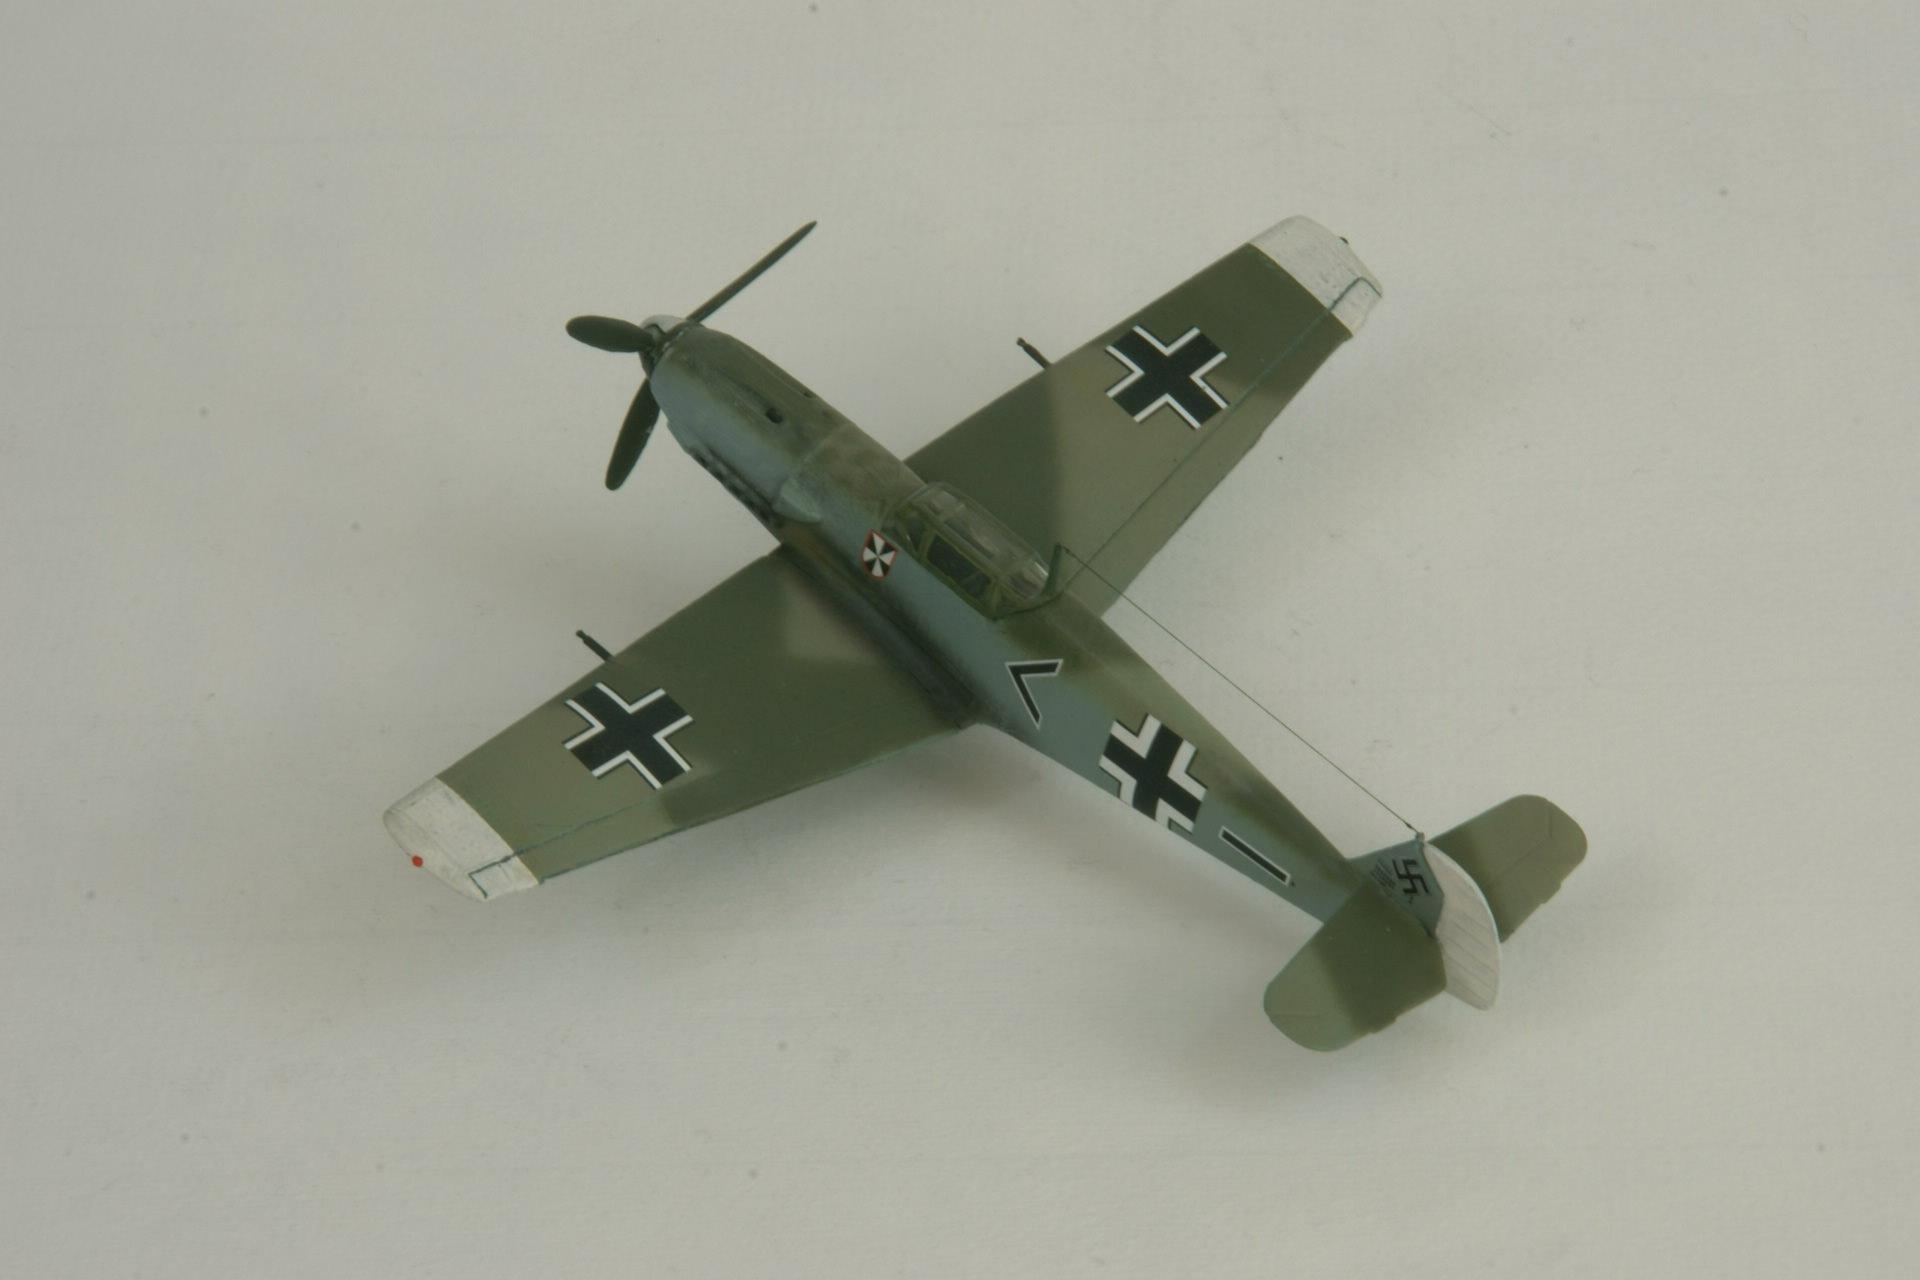 Messerschmitt 109e 4 6